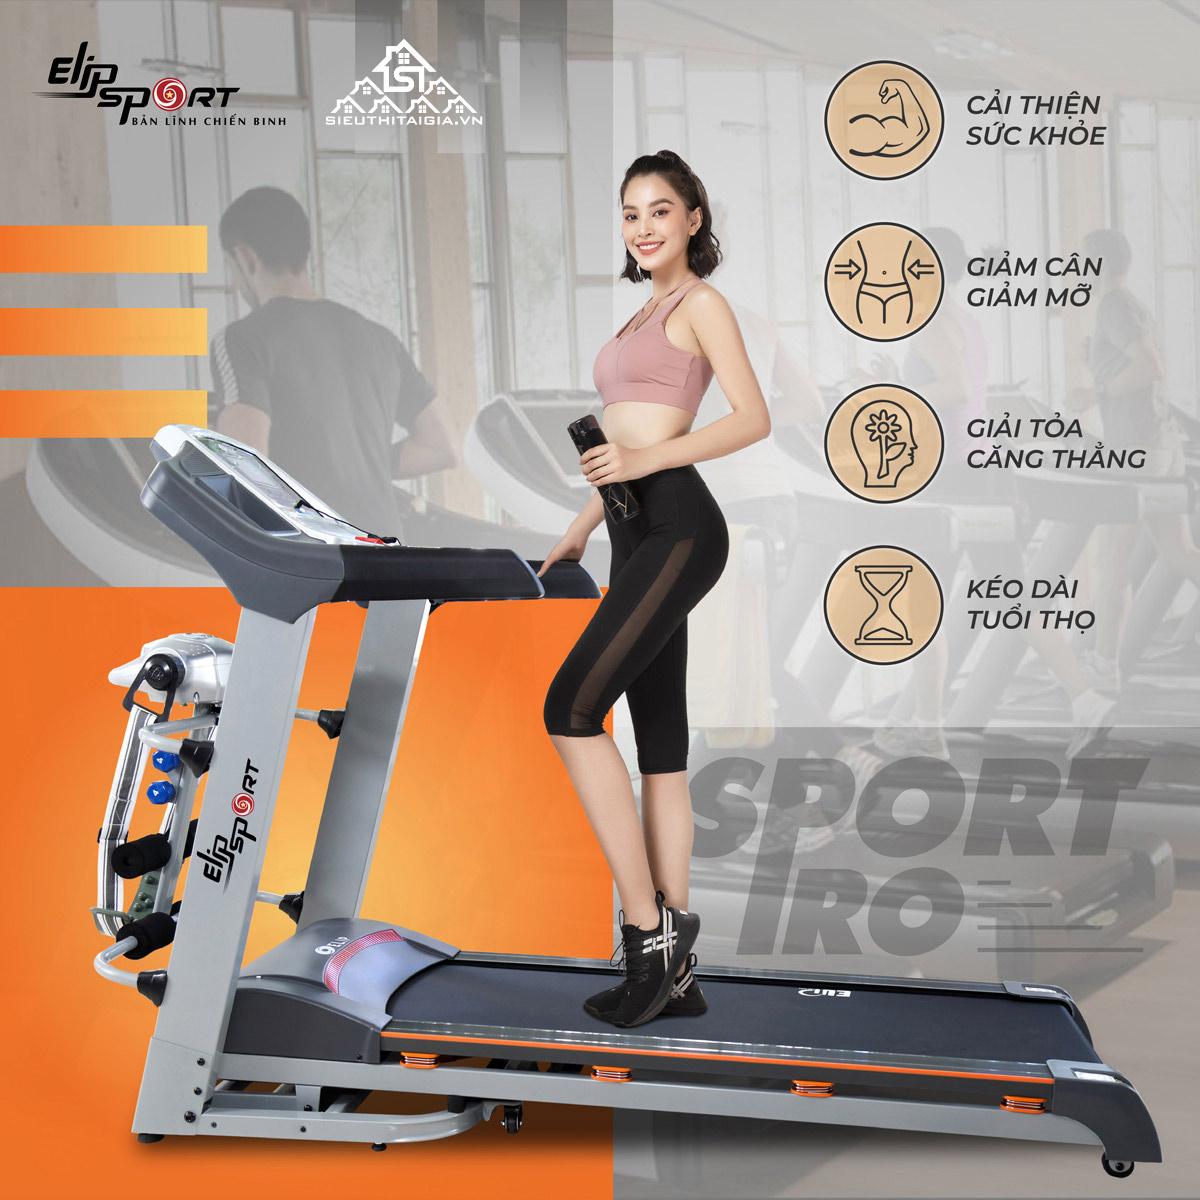 máy chạy bộ điện Elip Sport